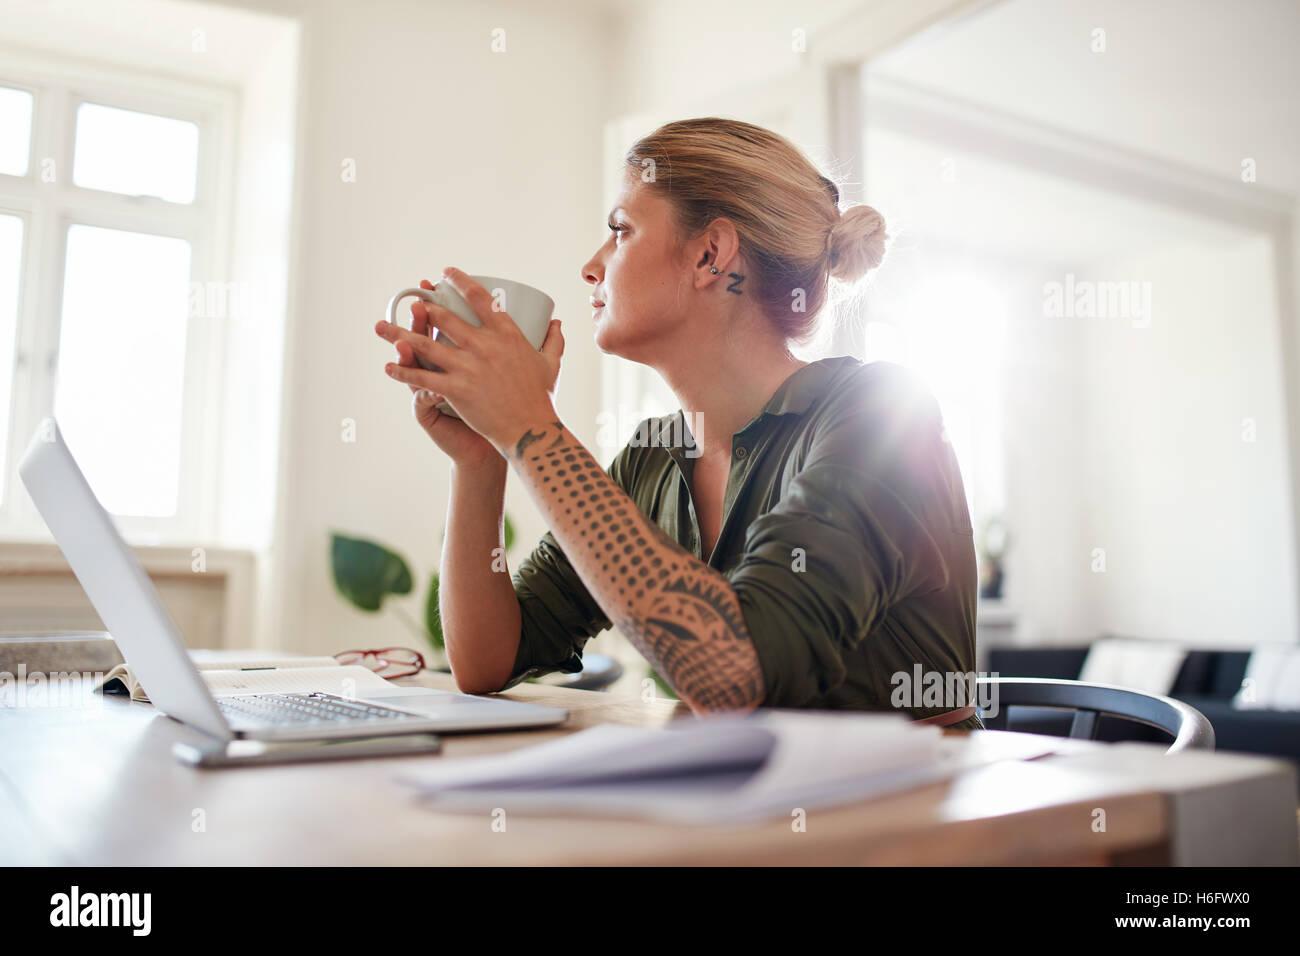 Innenaufnahme der jungen Frau mit Kaffee wegschauen und denken. Nachdenkliche Frau Büro zu Hause zu sitzen. Stockbild